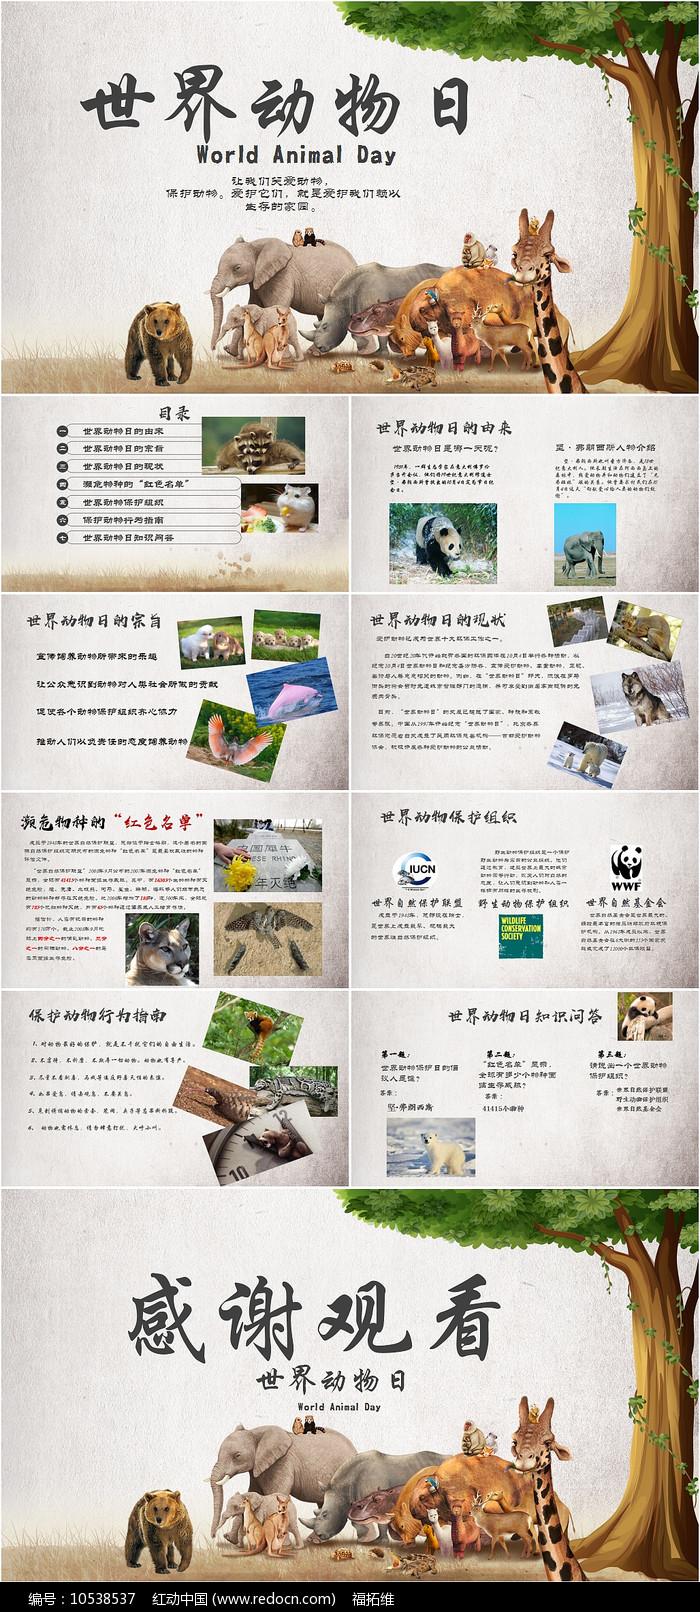 世界动物日保护动物PPT模板